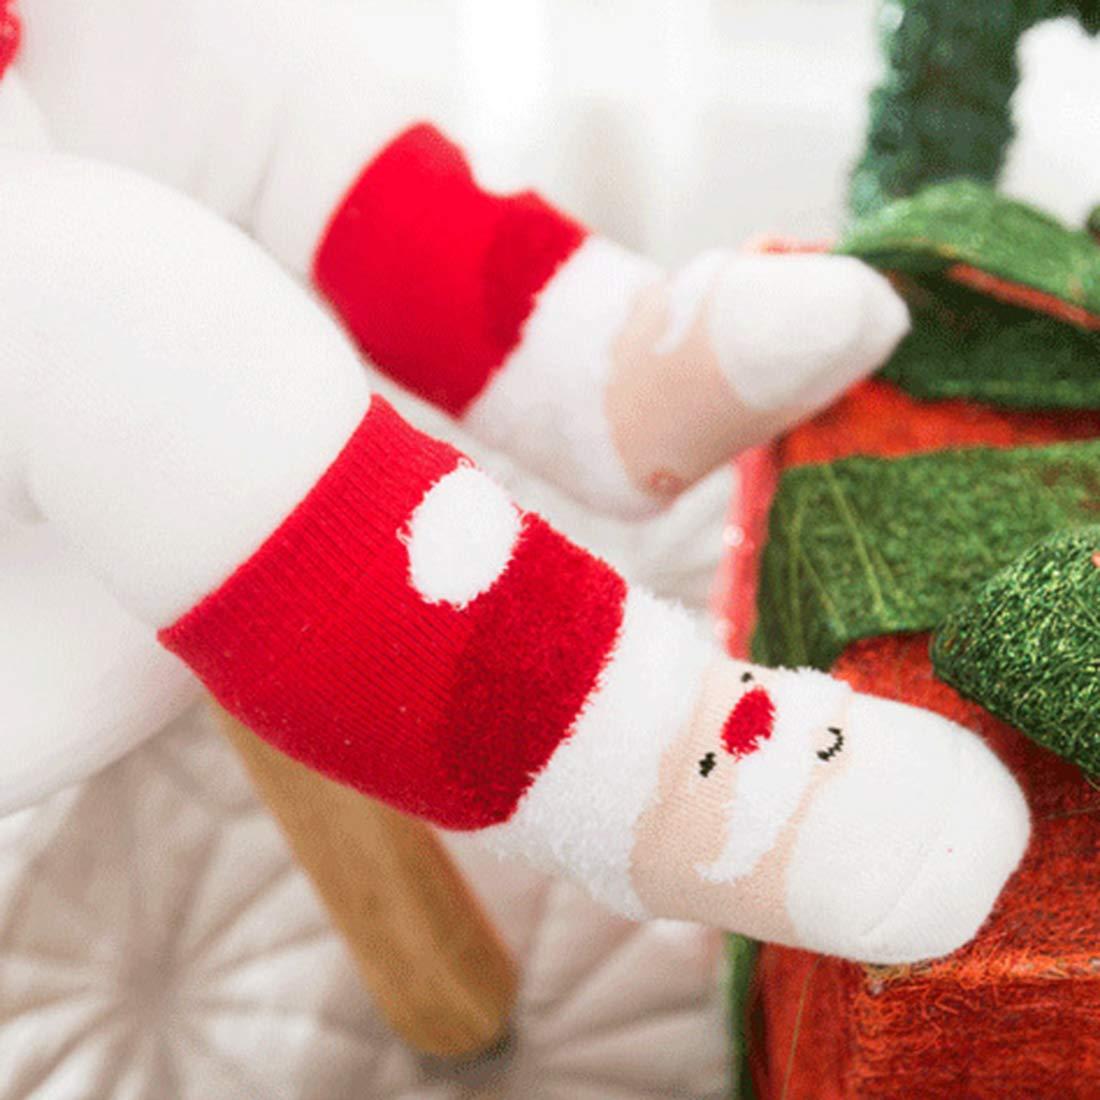 Yvsoo Chaussette Noel Chaussette Enfant Chausette Bebe 4Paires Chaussettes de No/ël Chausette de Conton 100/% D/écoration de No/ël